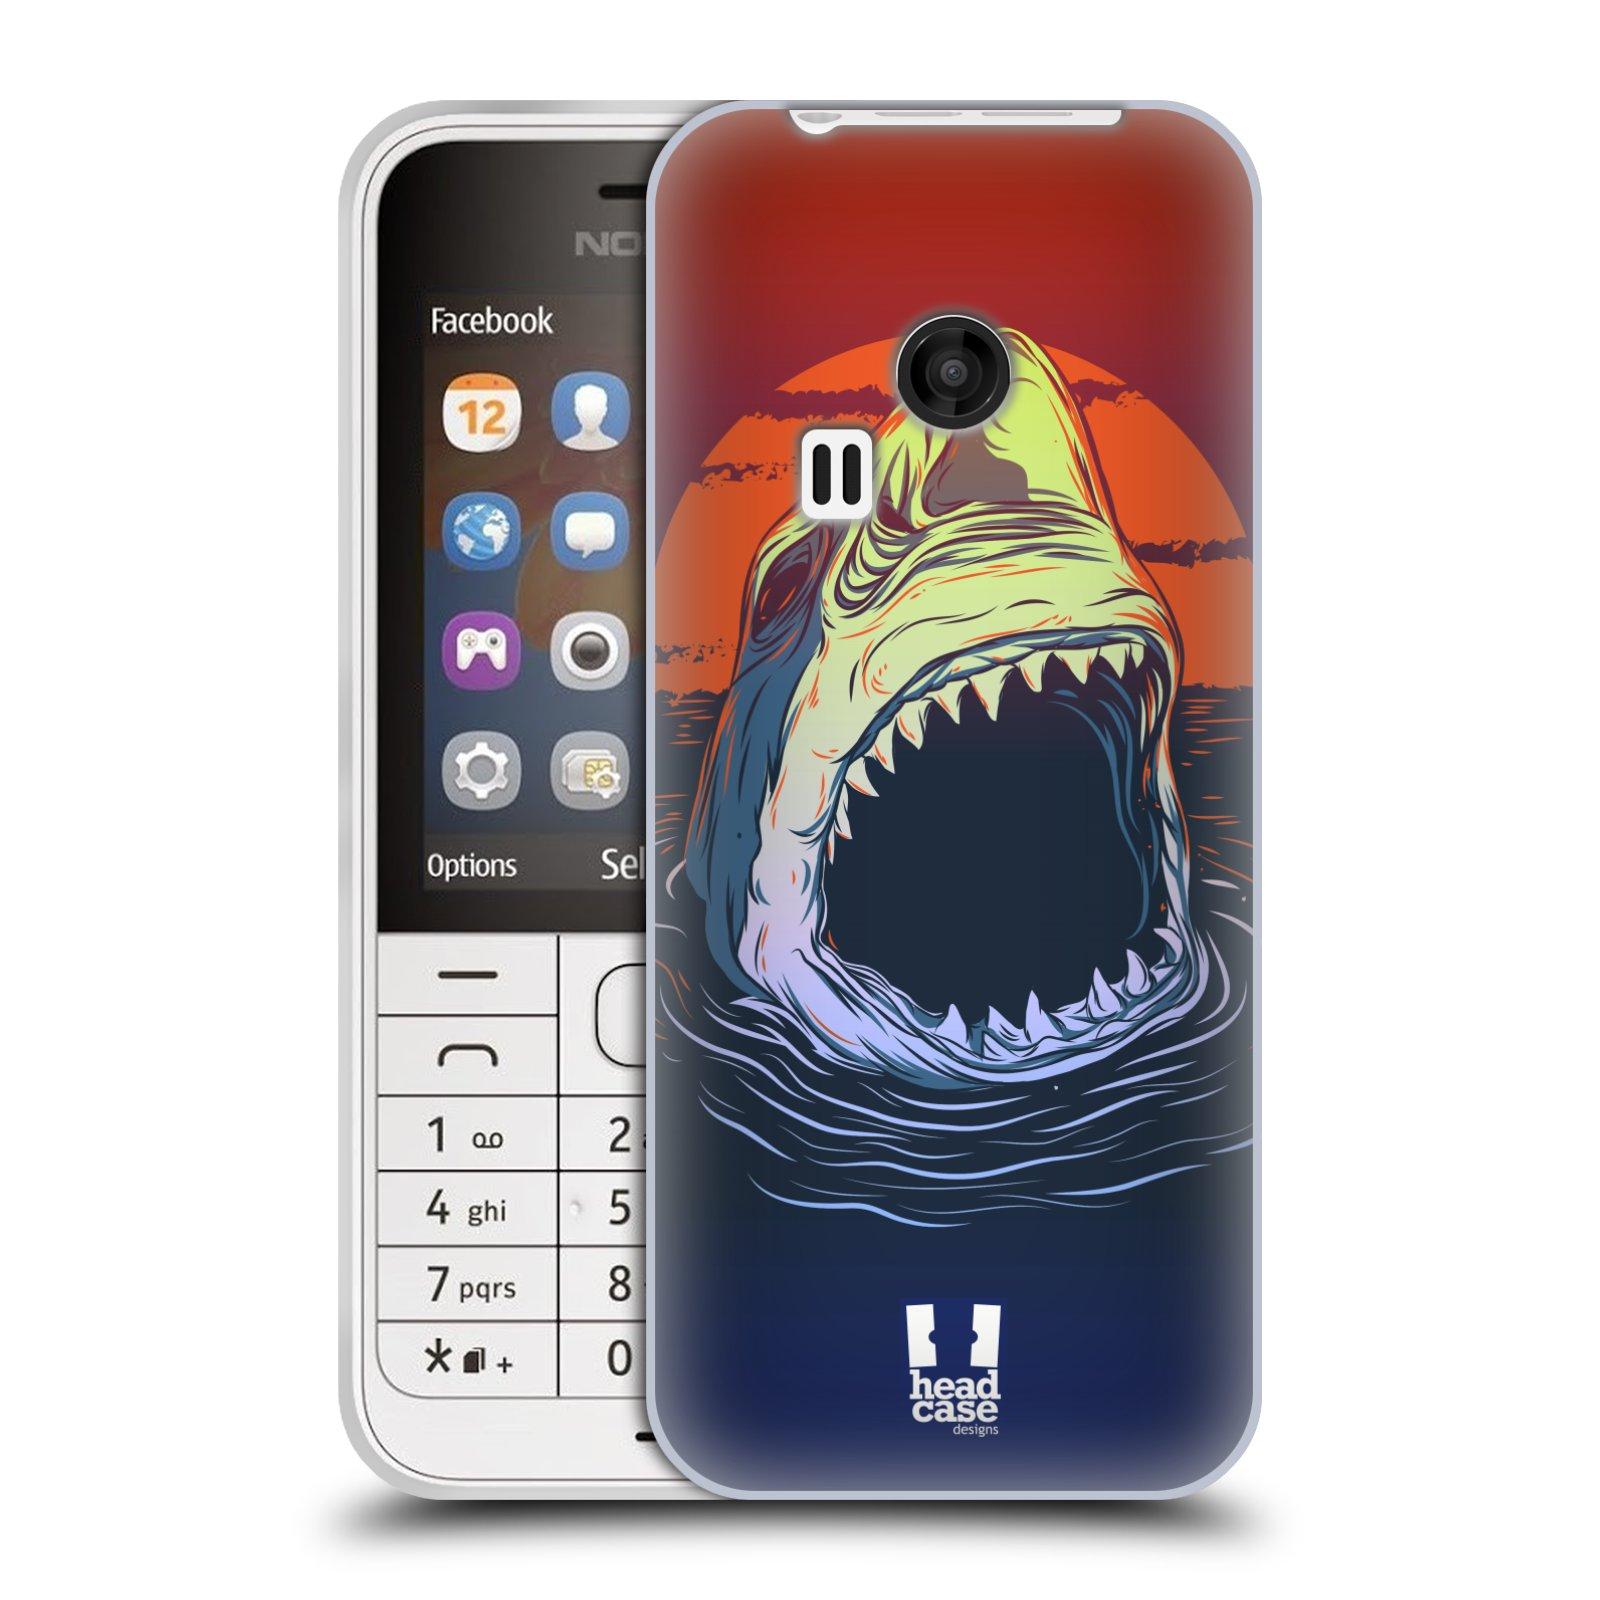 HEAD CASE silikonový obal na mobil NOKIA 220 / NOKIA 220 DUAL SIM vzor mořská monstra žralok